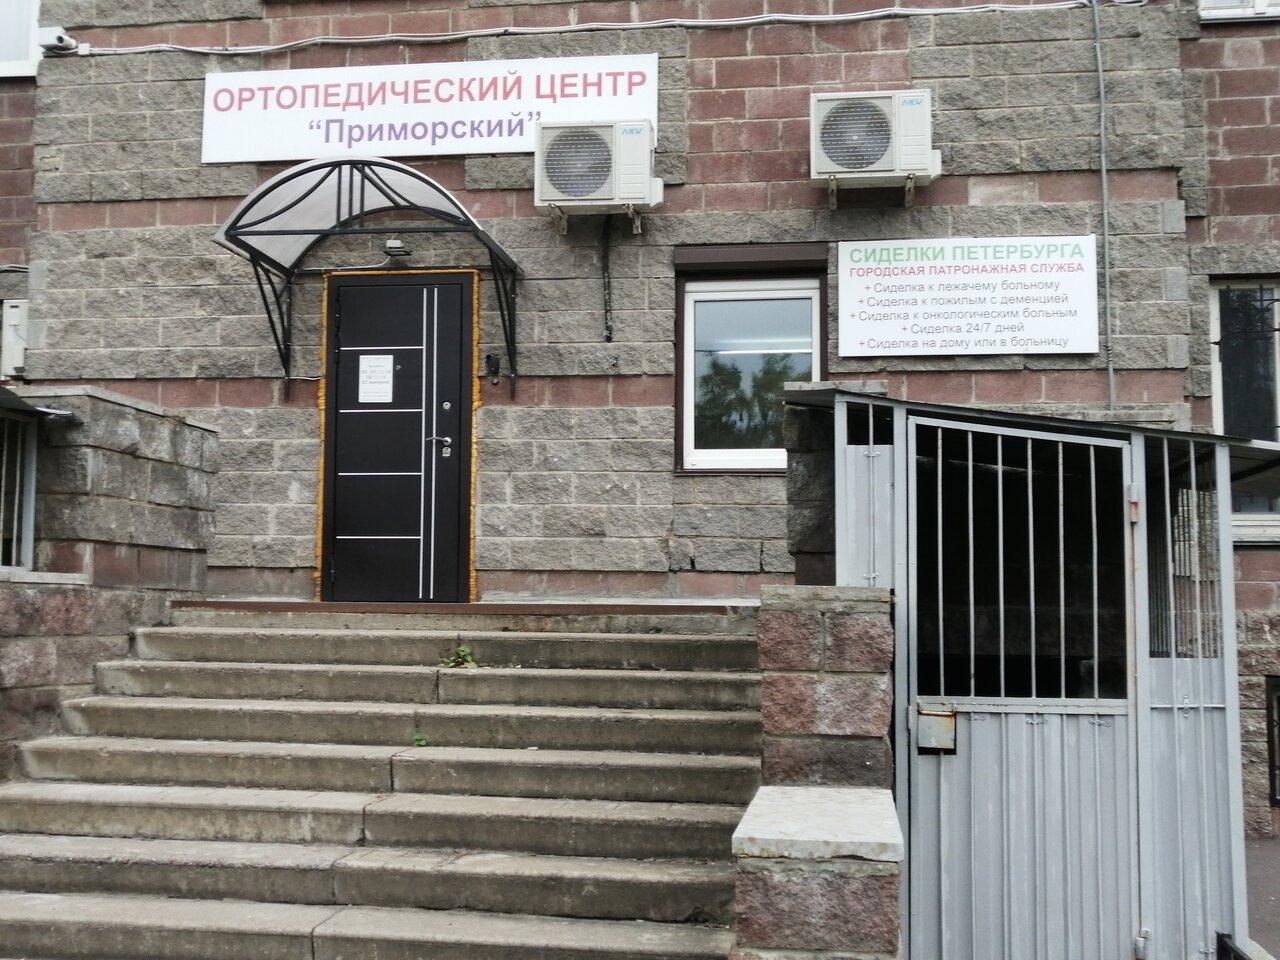 Ортопедический центр «Приморский»